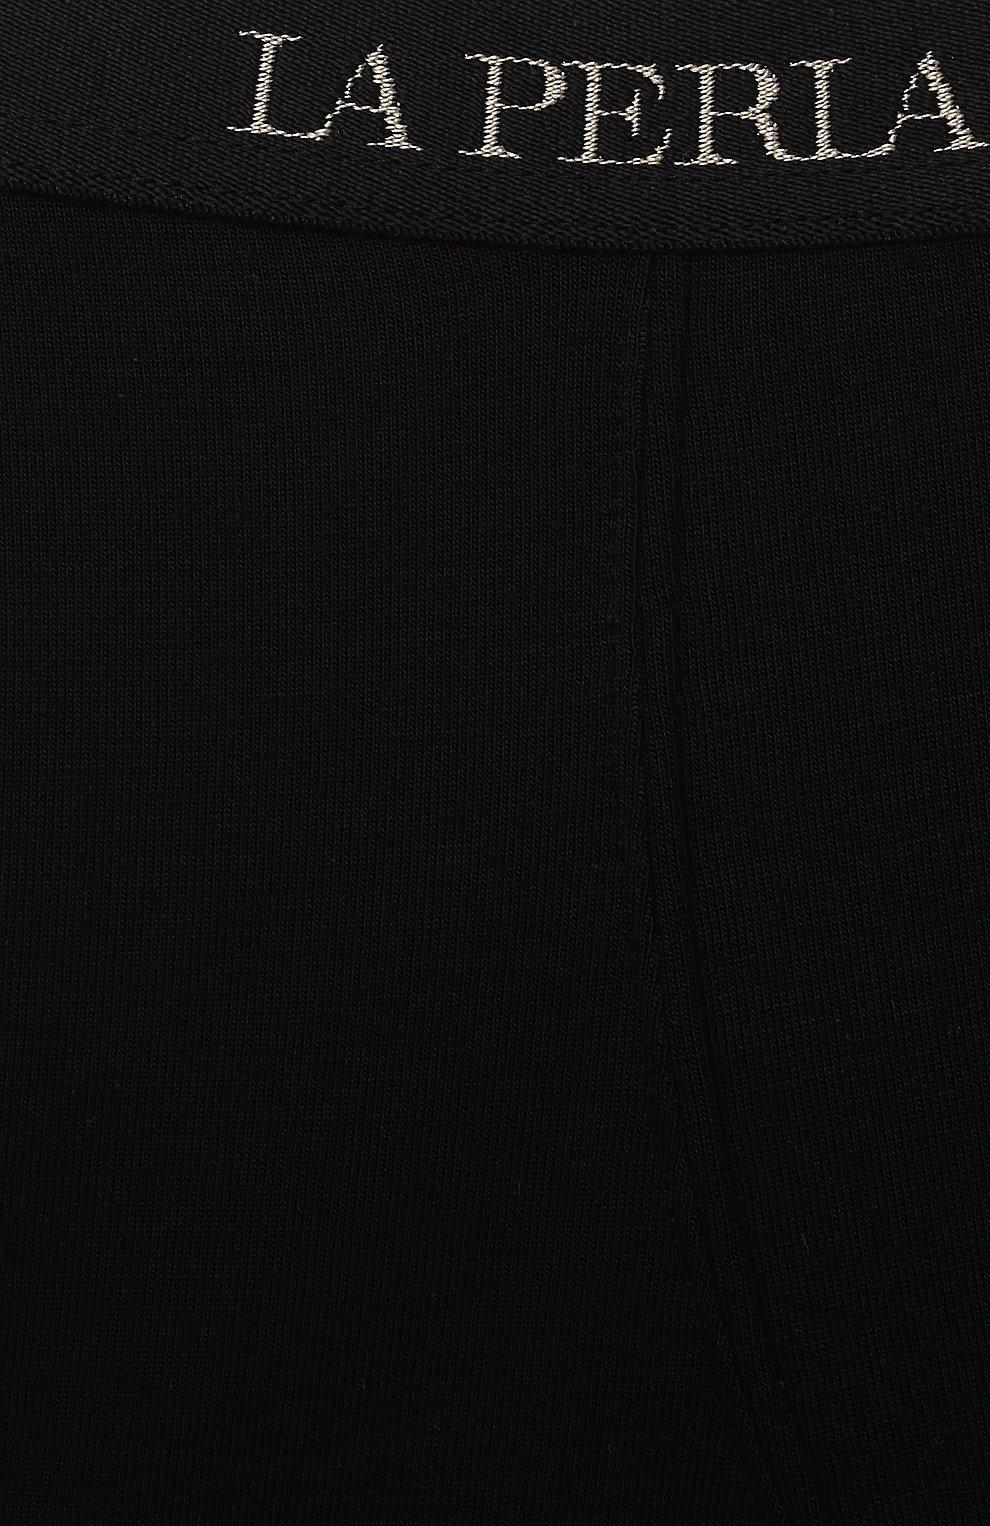 Детские трусы-боксеры LA PERLA черного цвета, арт. 70168/2A-6A   Фото 3